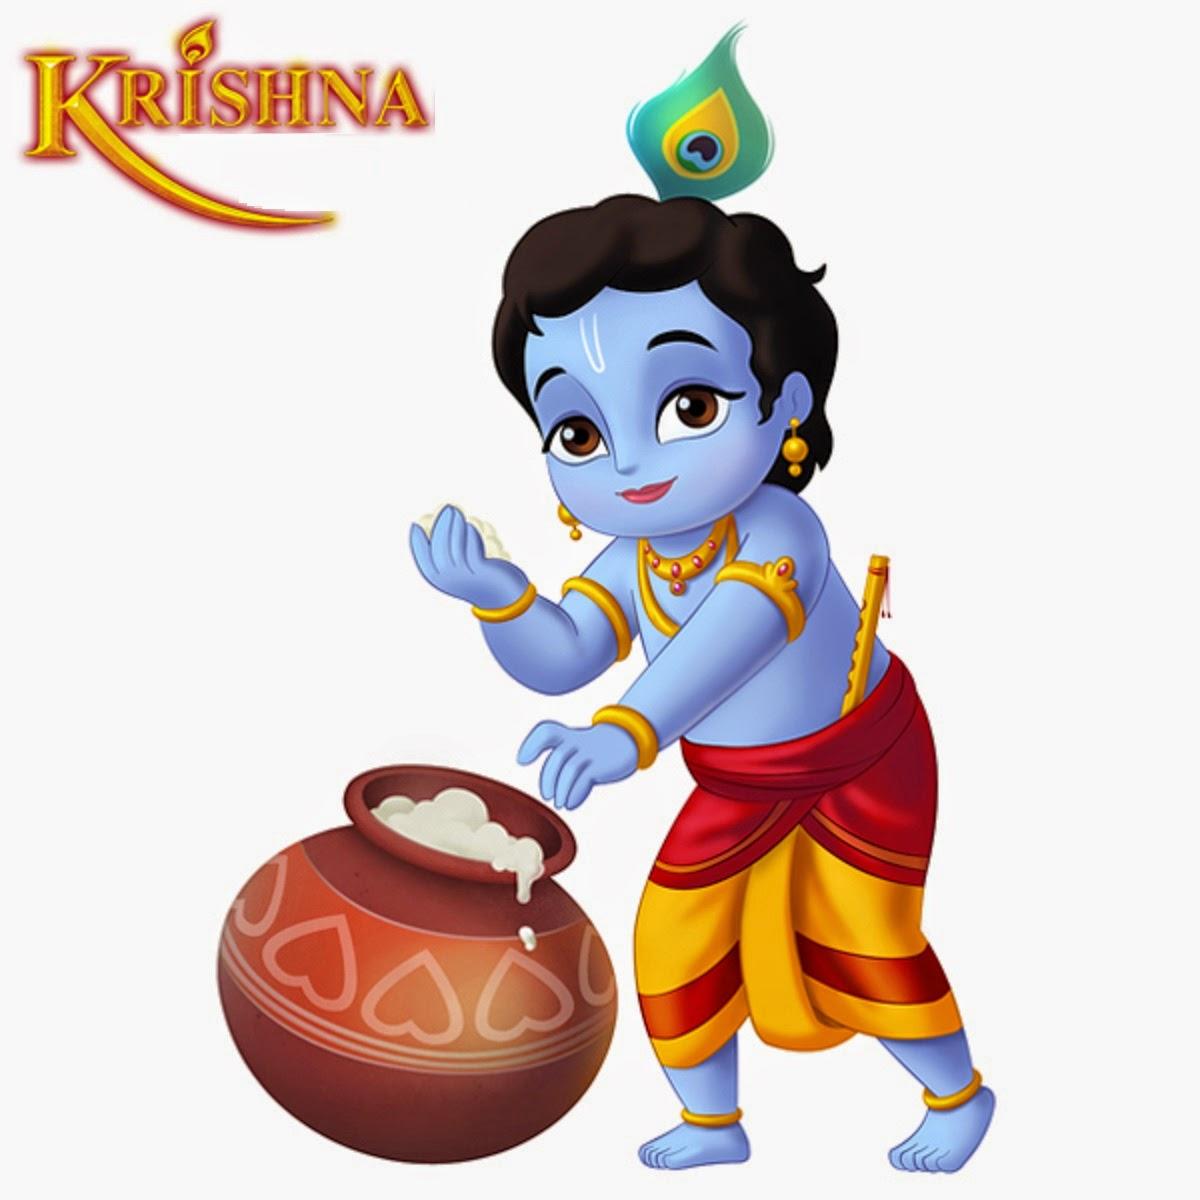 Little+Krishna+Free+Wallpapers5